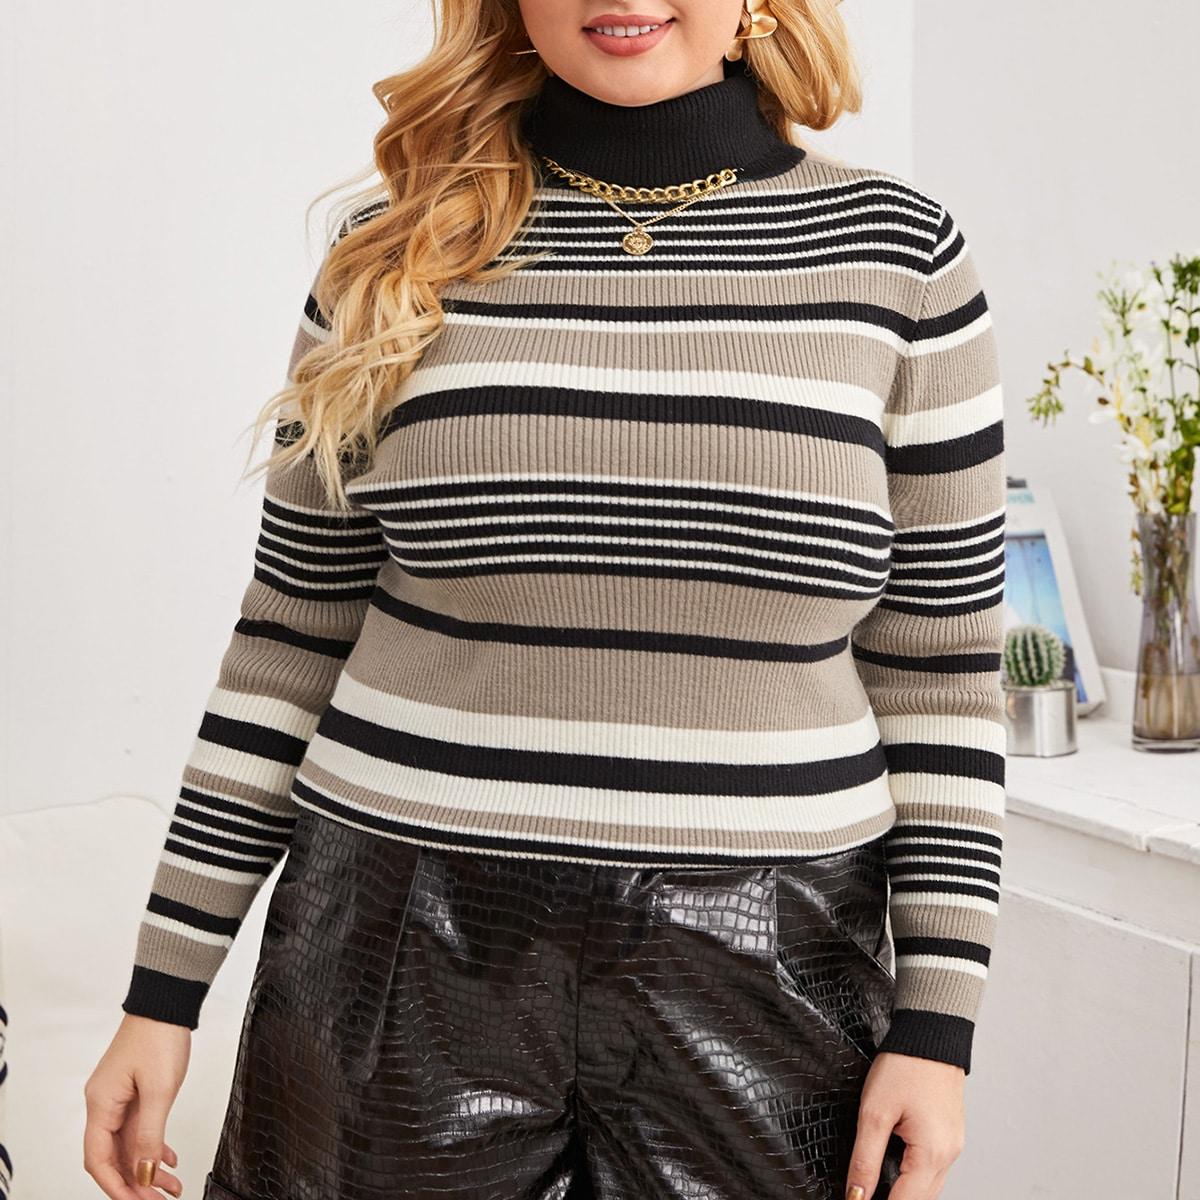 SHEIN / Pullover mit Streifen Muster und Rollkragen